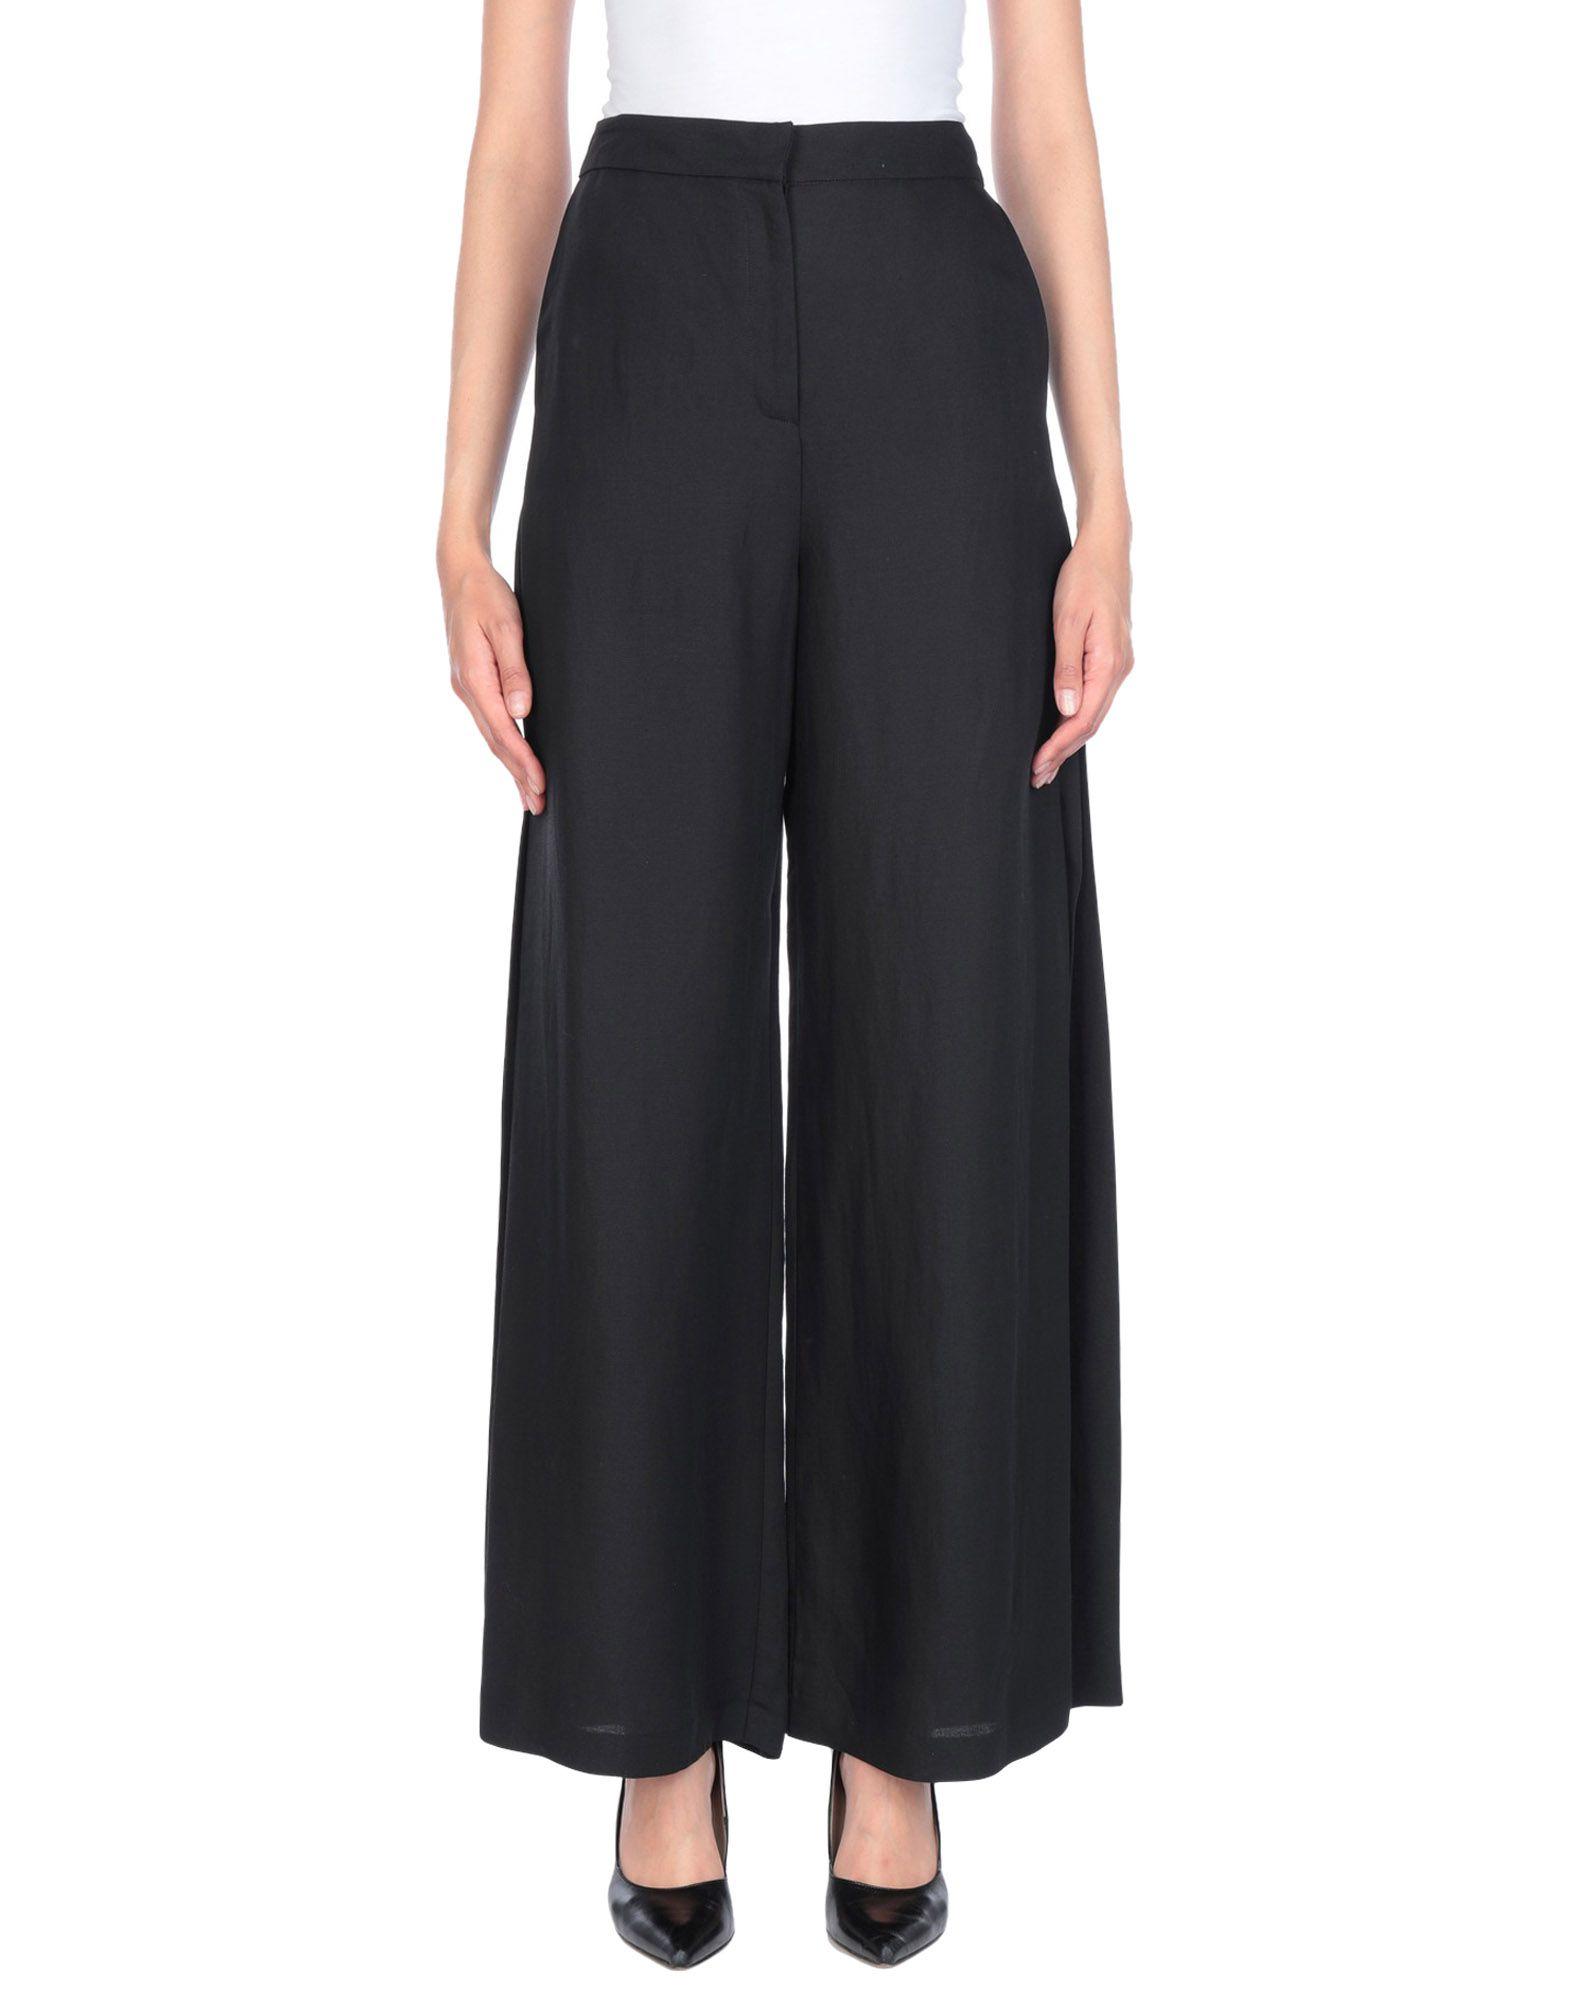 Pantalone Roberta Furlanetto donna donna donna - 13332436IL 8e5